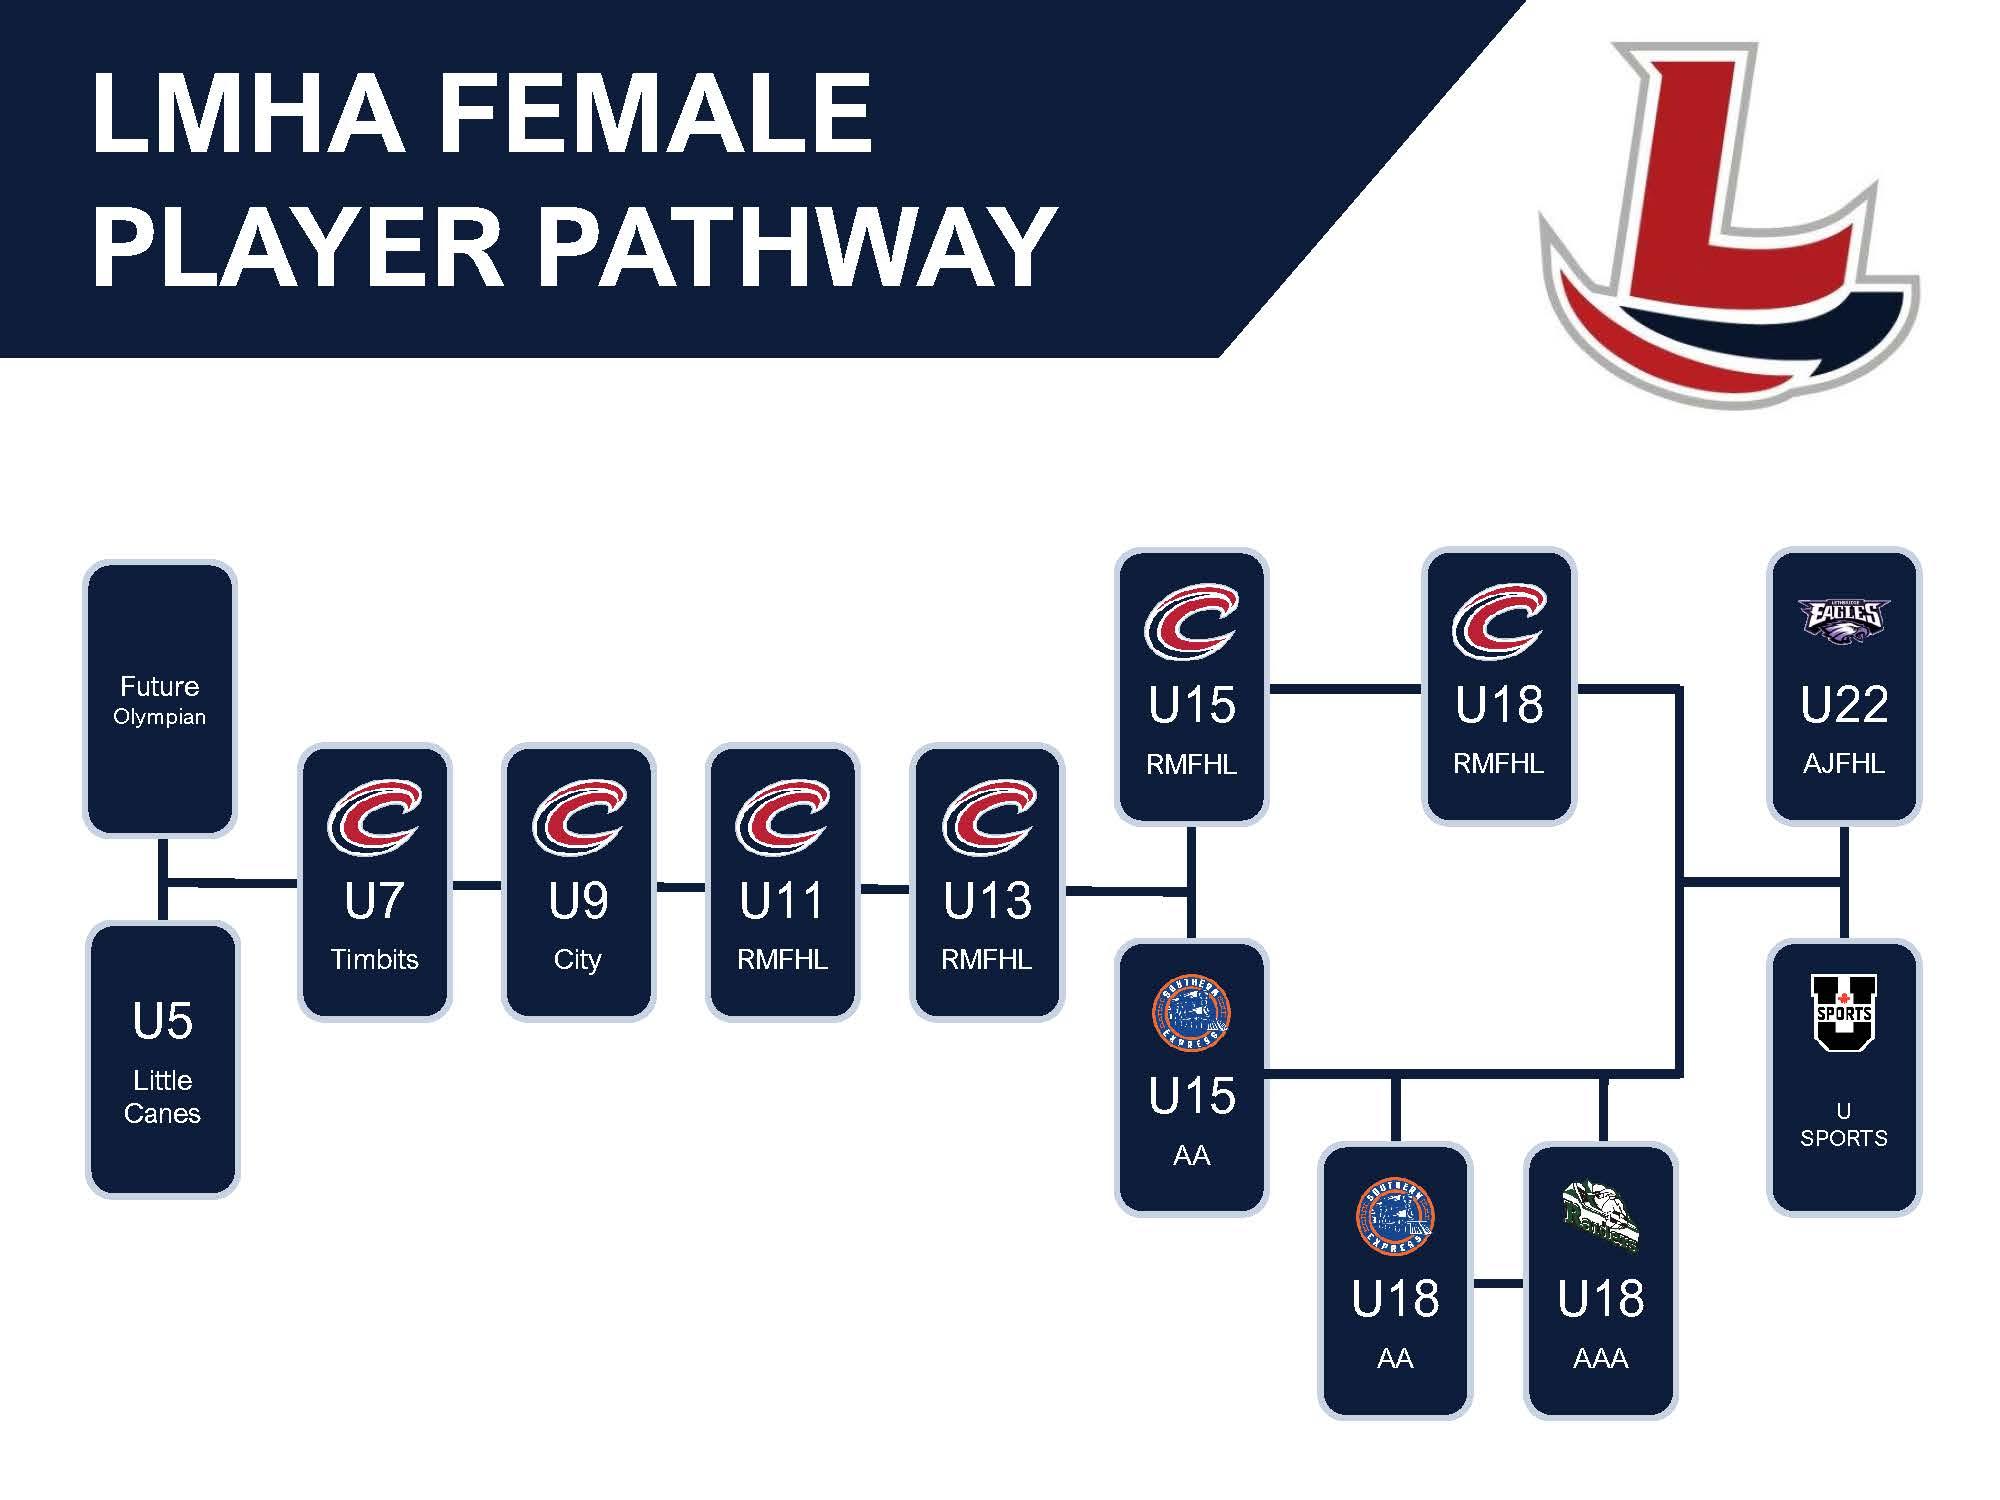 Female Pathway